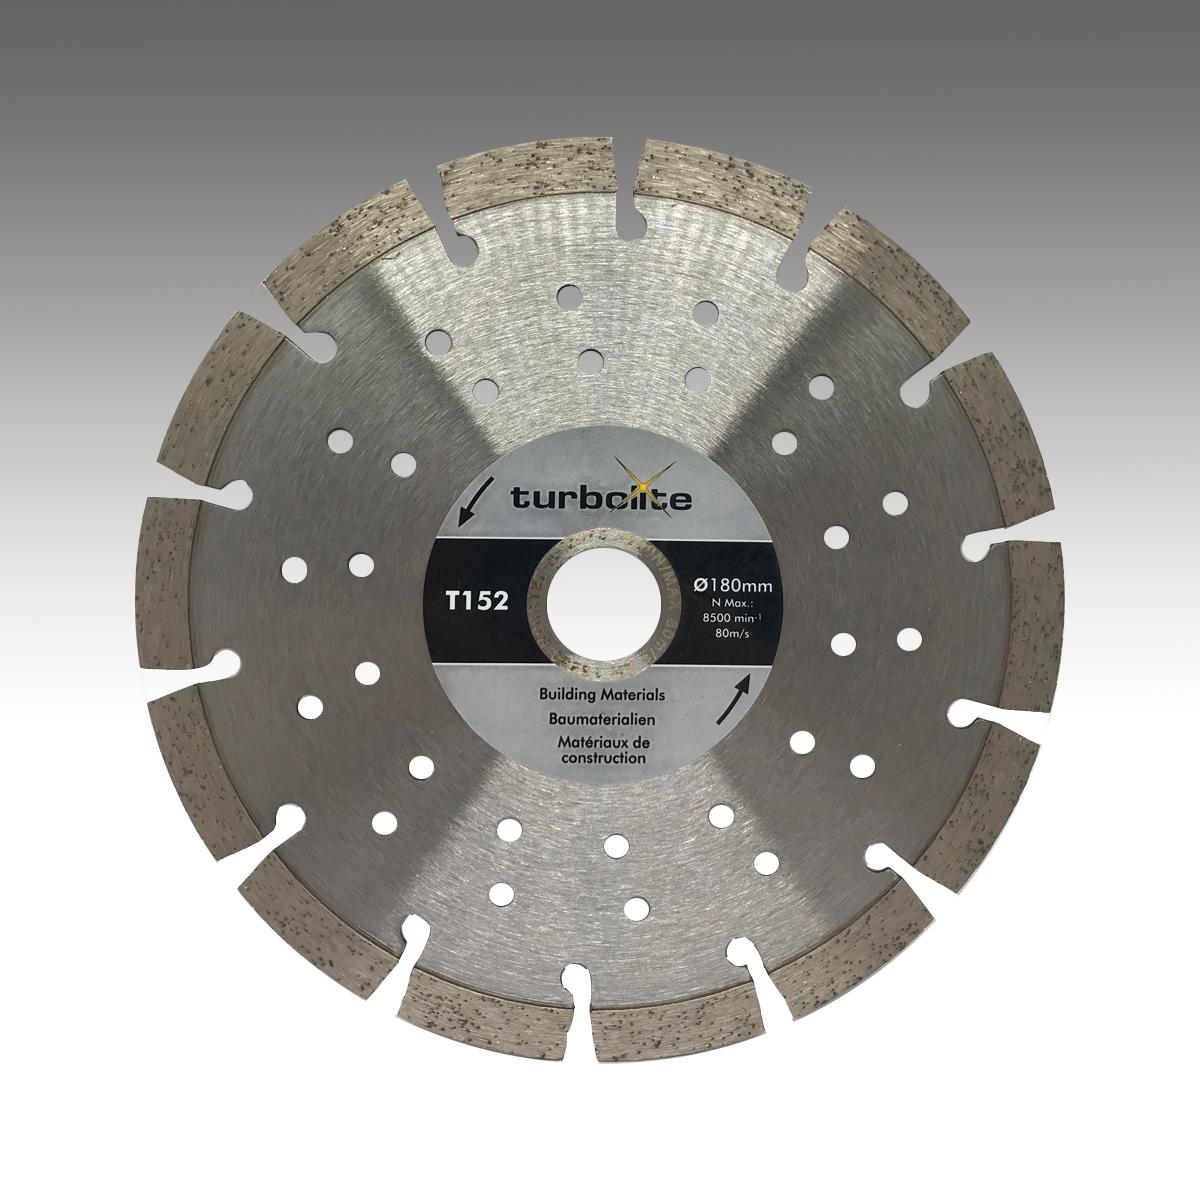 Widiascheibe 230 x 22,2 Diamanttrennscheibe Klinker Granit Beton DS9T Bau UNI